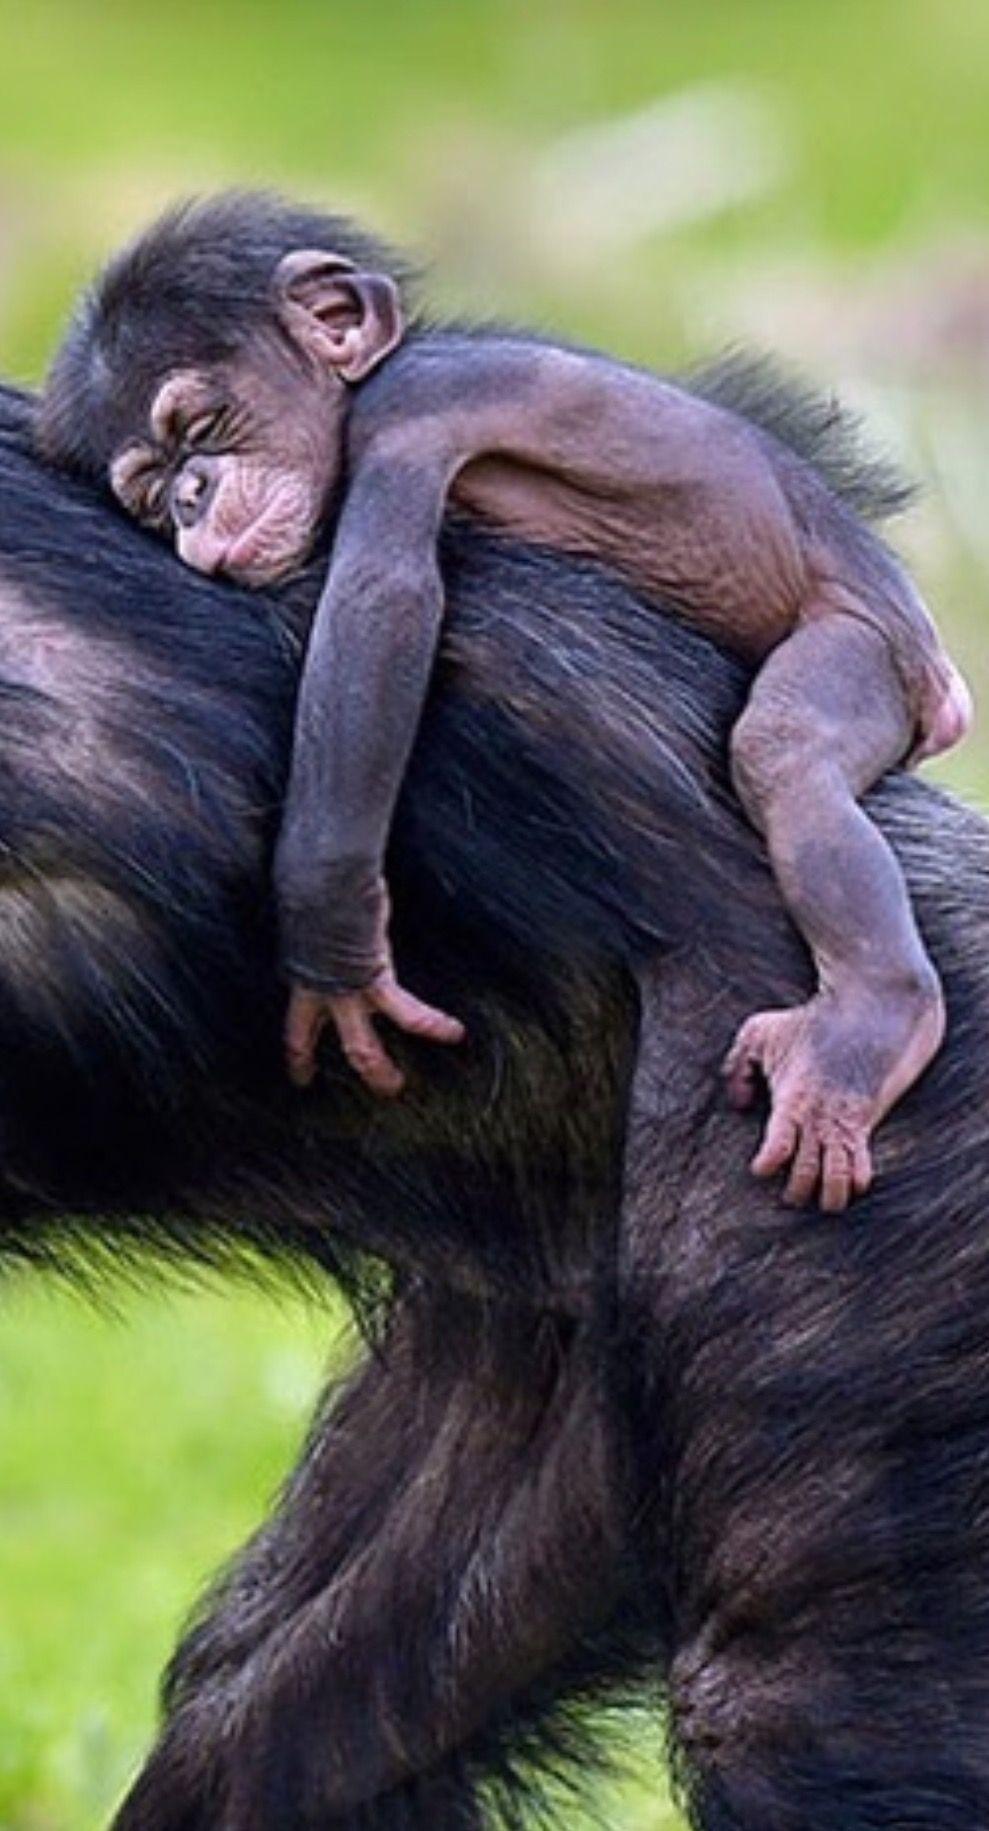 Ohhh So Niedlich Ein Ganz Junger Schimpanse Auf Mom S Rucken Die